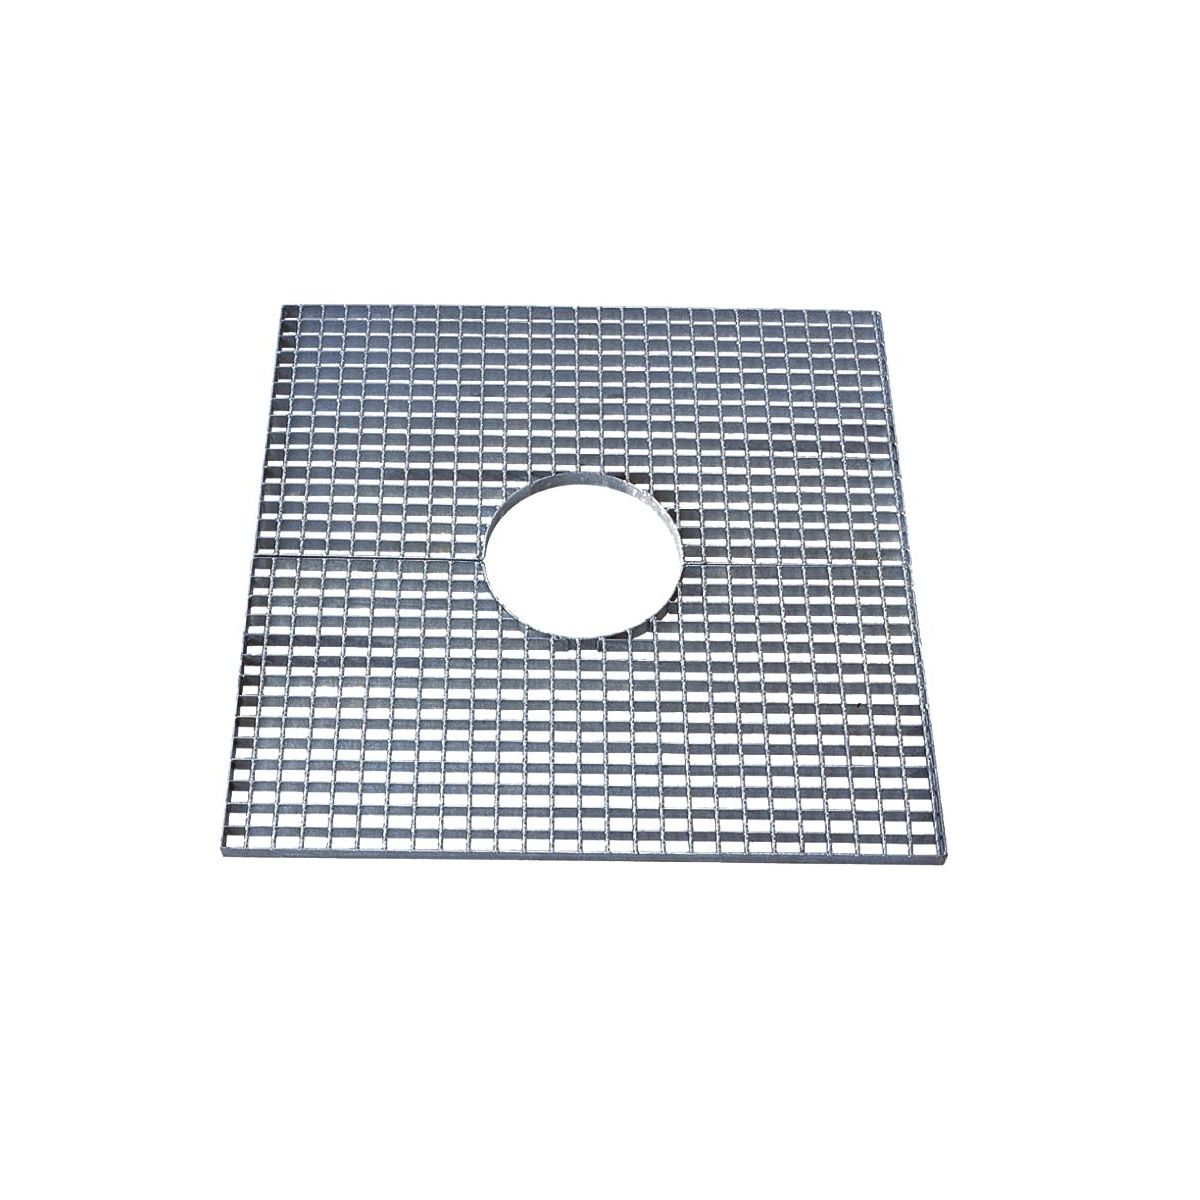 Alcorque religa 1100x1100mm - C22F